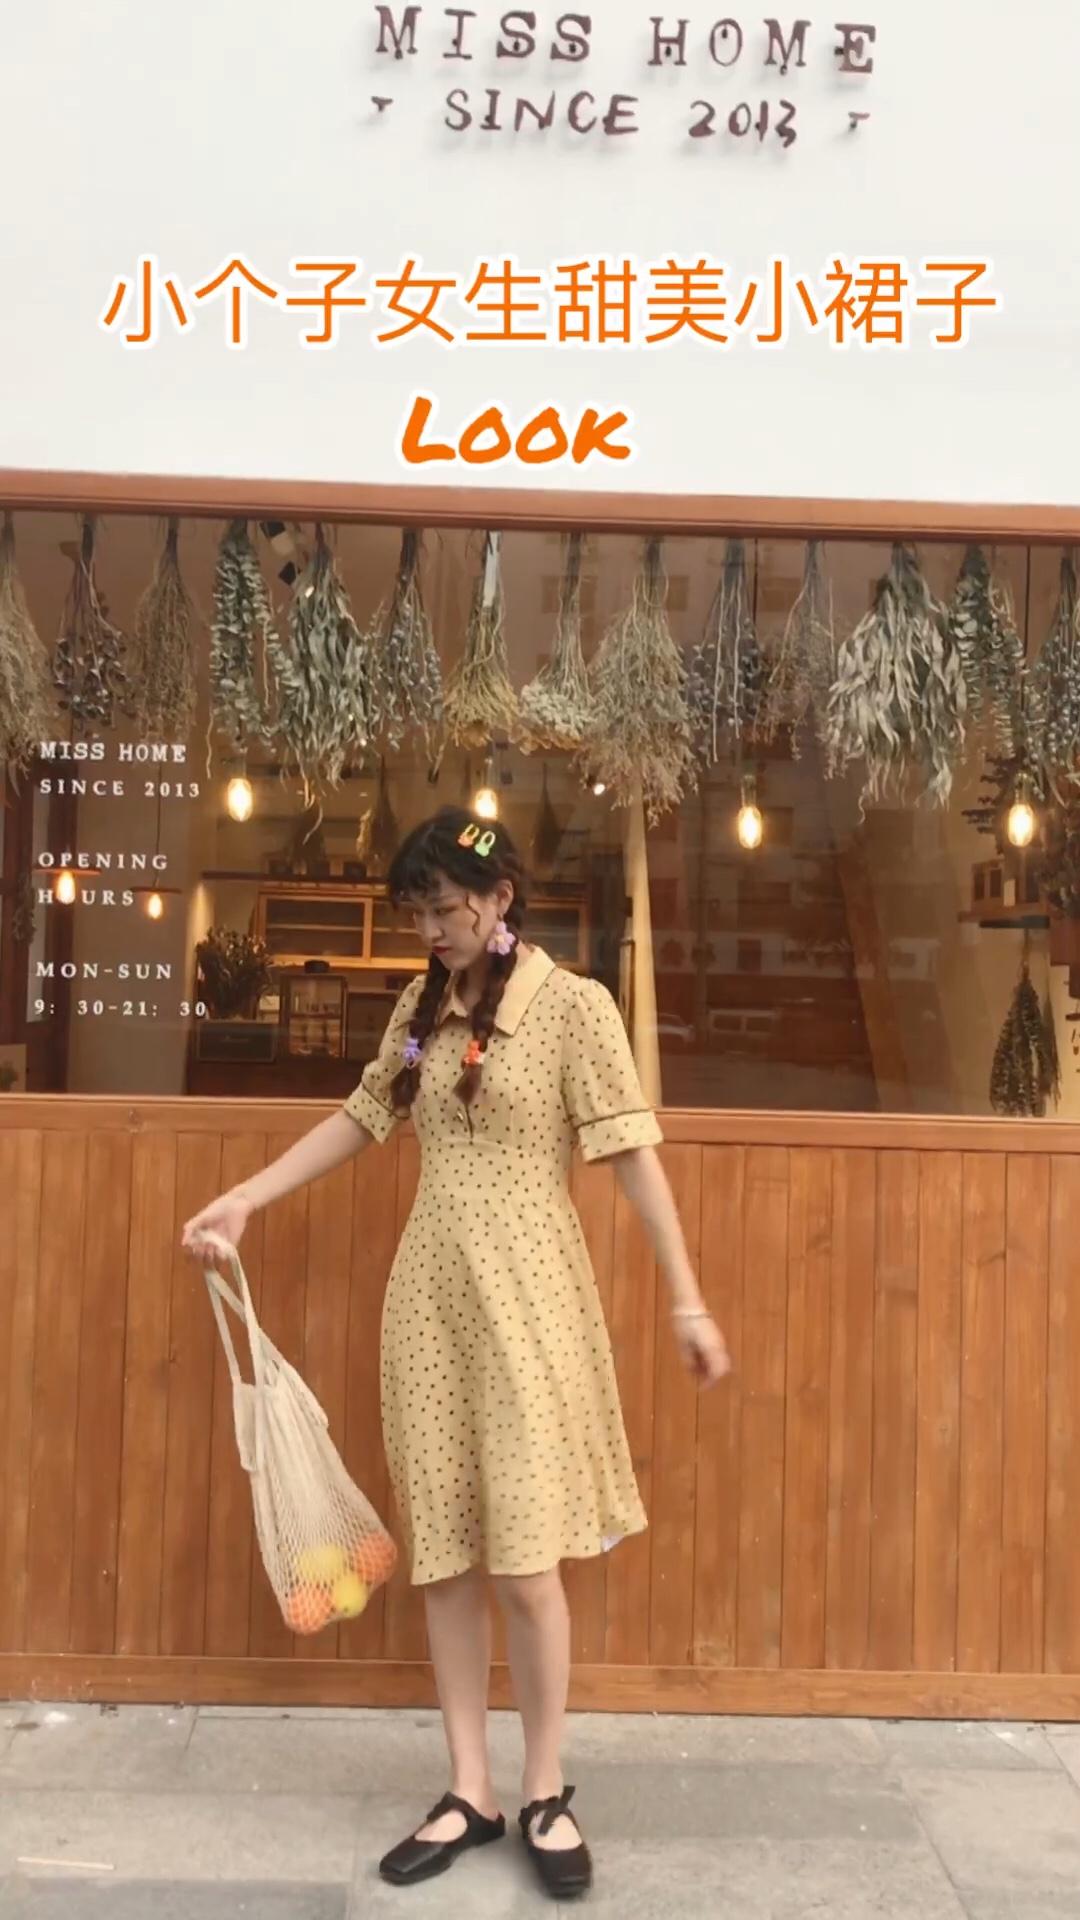 #618一天入手,30天穿搭不重样!# 波点元素永恒的爱呀!这件黄色的颜色就炒鸡气质了,还很显白的那种~ 整个也有法式气质得感觉,小个子女生约会完全可爱安排一下这个裙子,搭配小ck的黑色芭蕾单鞋真的太好看啦!!